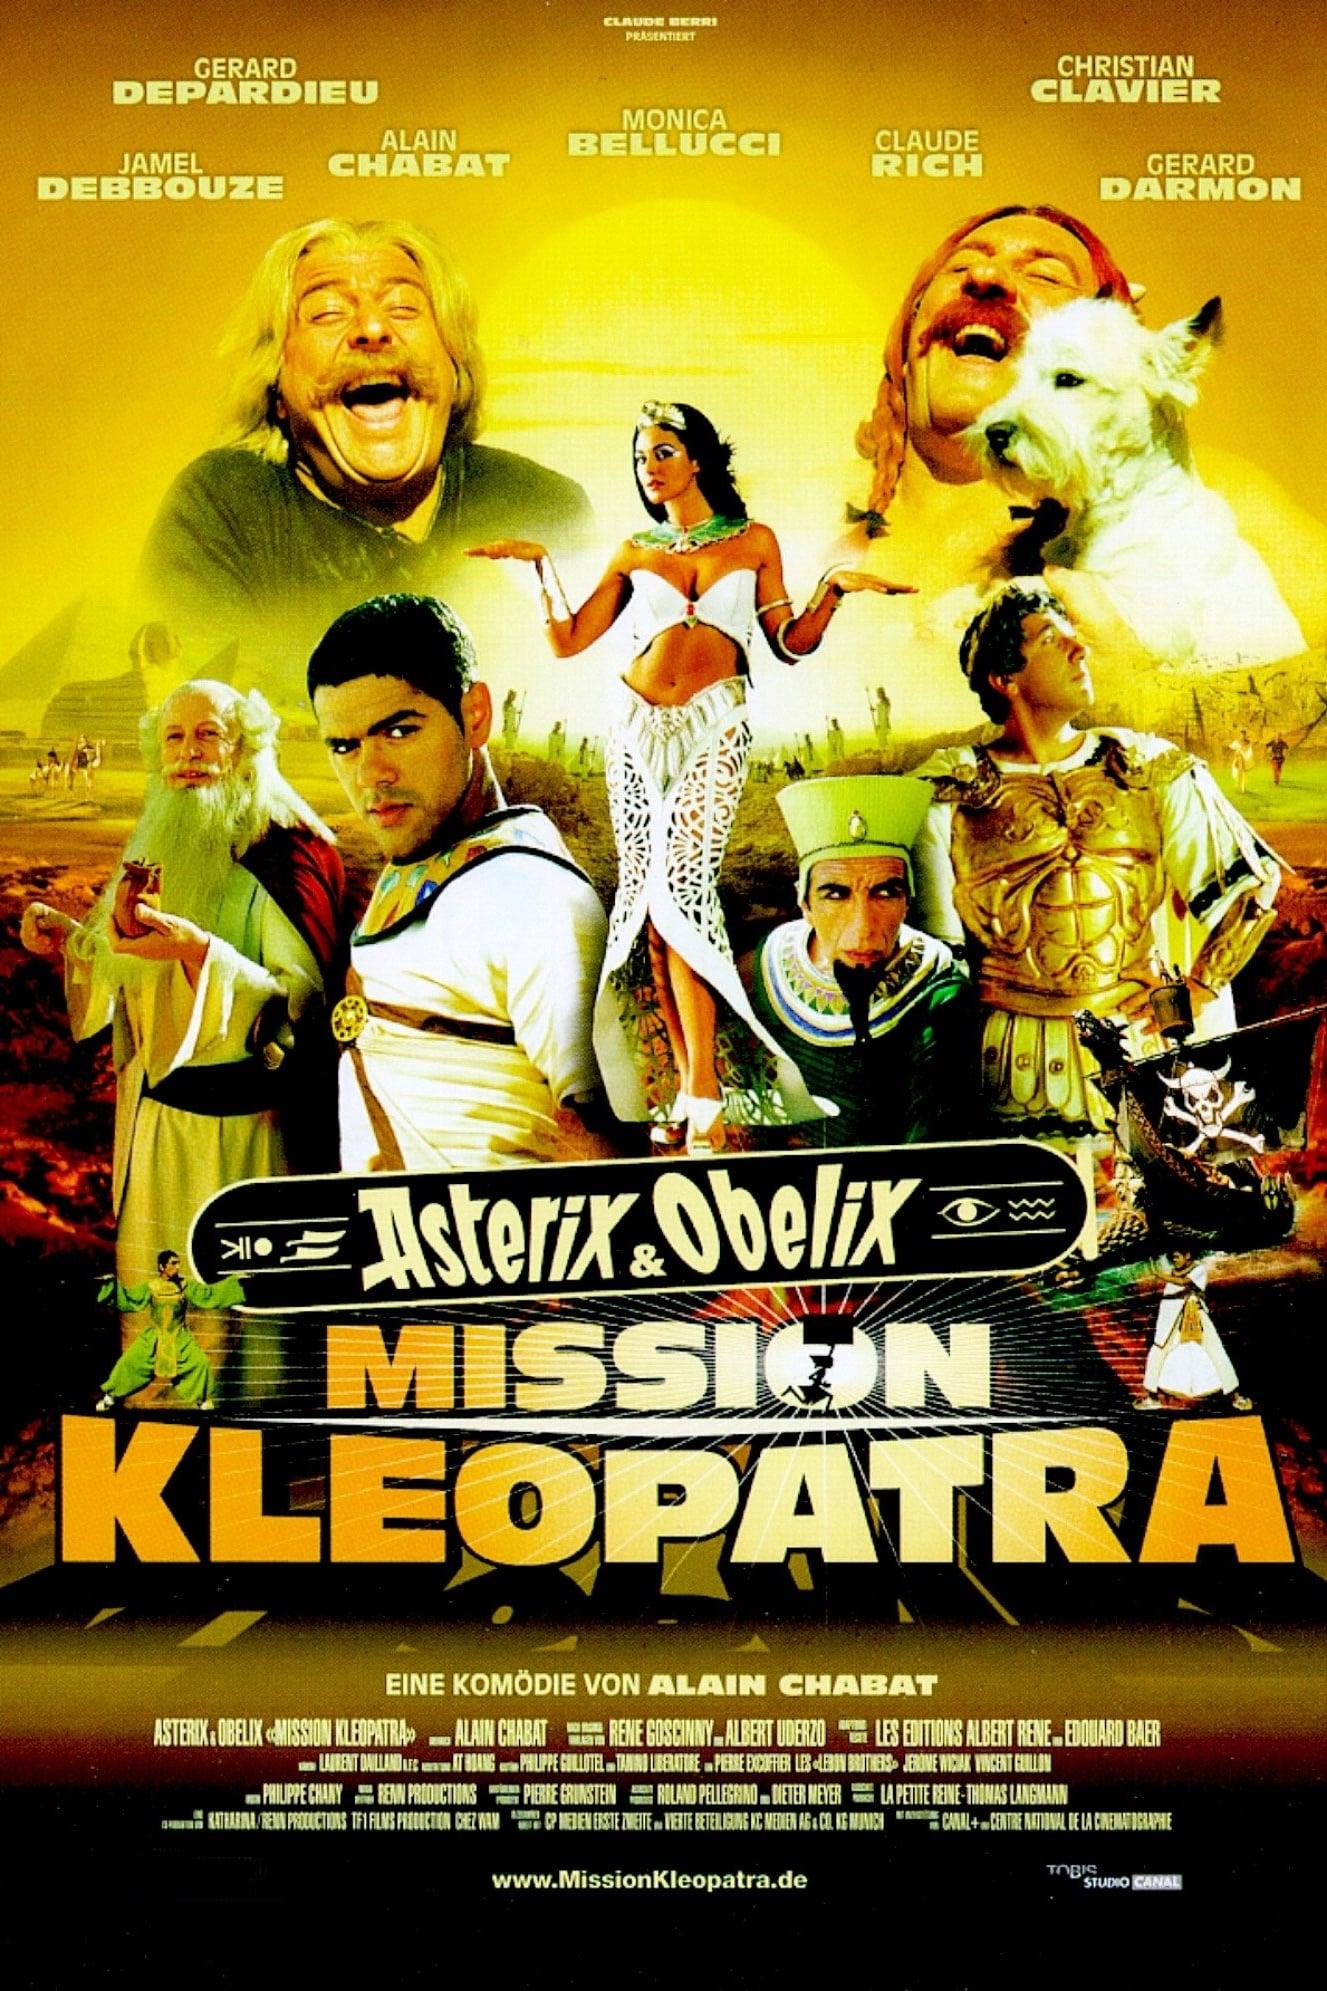 Asterix Und Obelix Mission Kleopatra Ganzer Film Deutsch